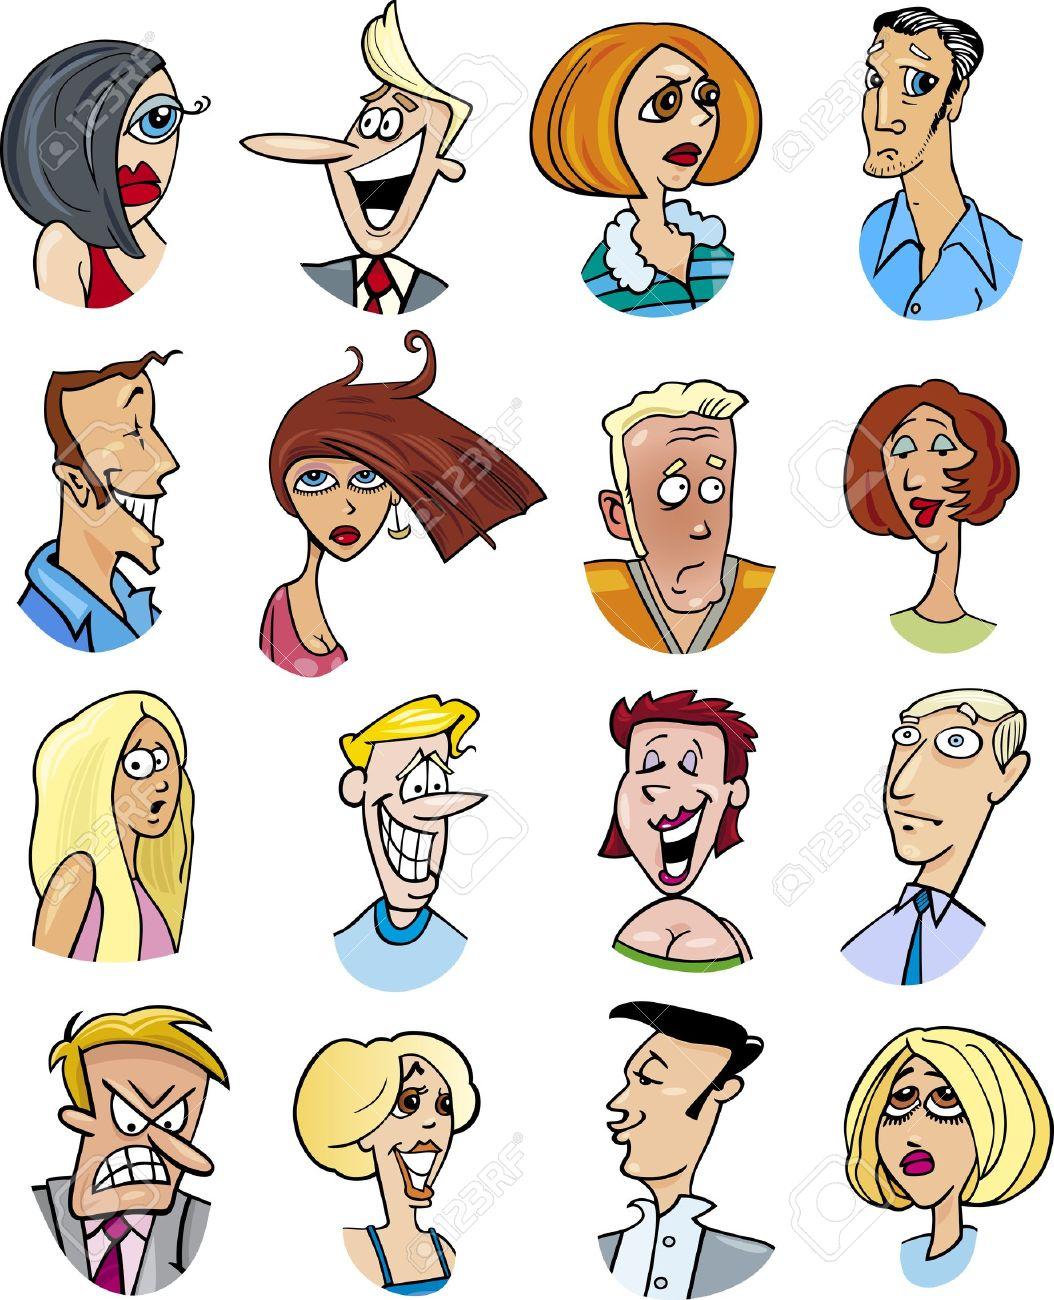 Ilustración De Dibujos Animados De Personajes De Diferentes Personas